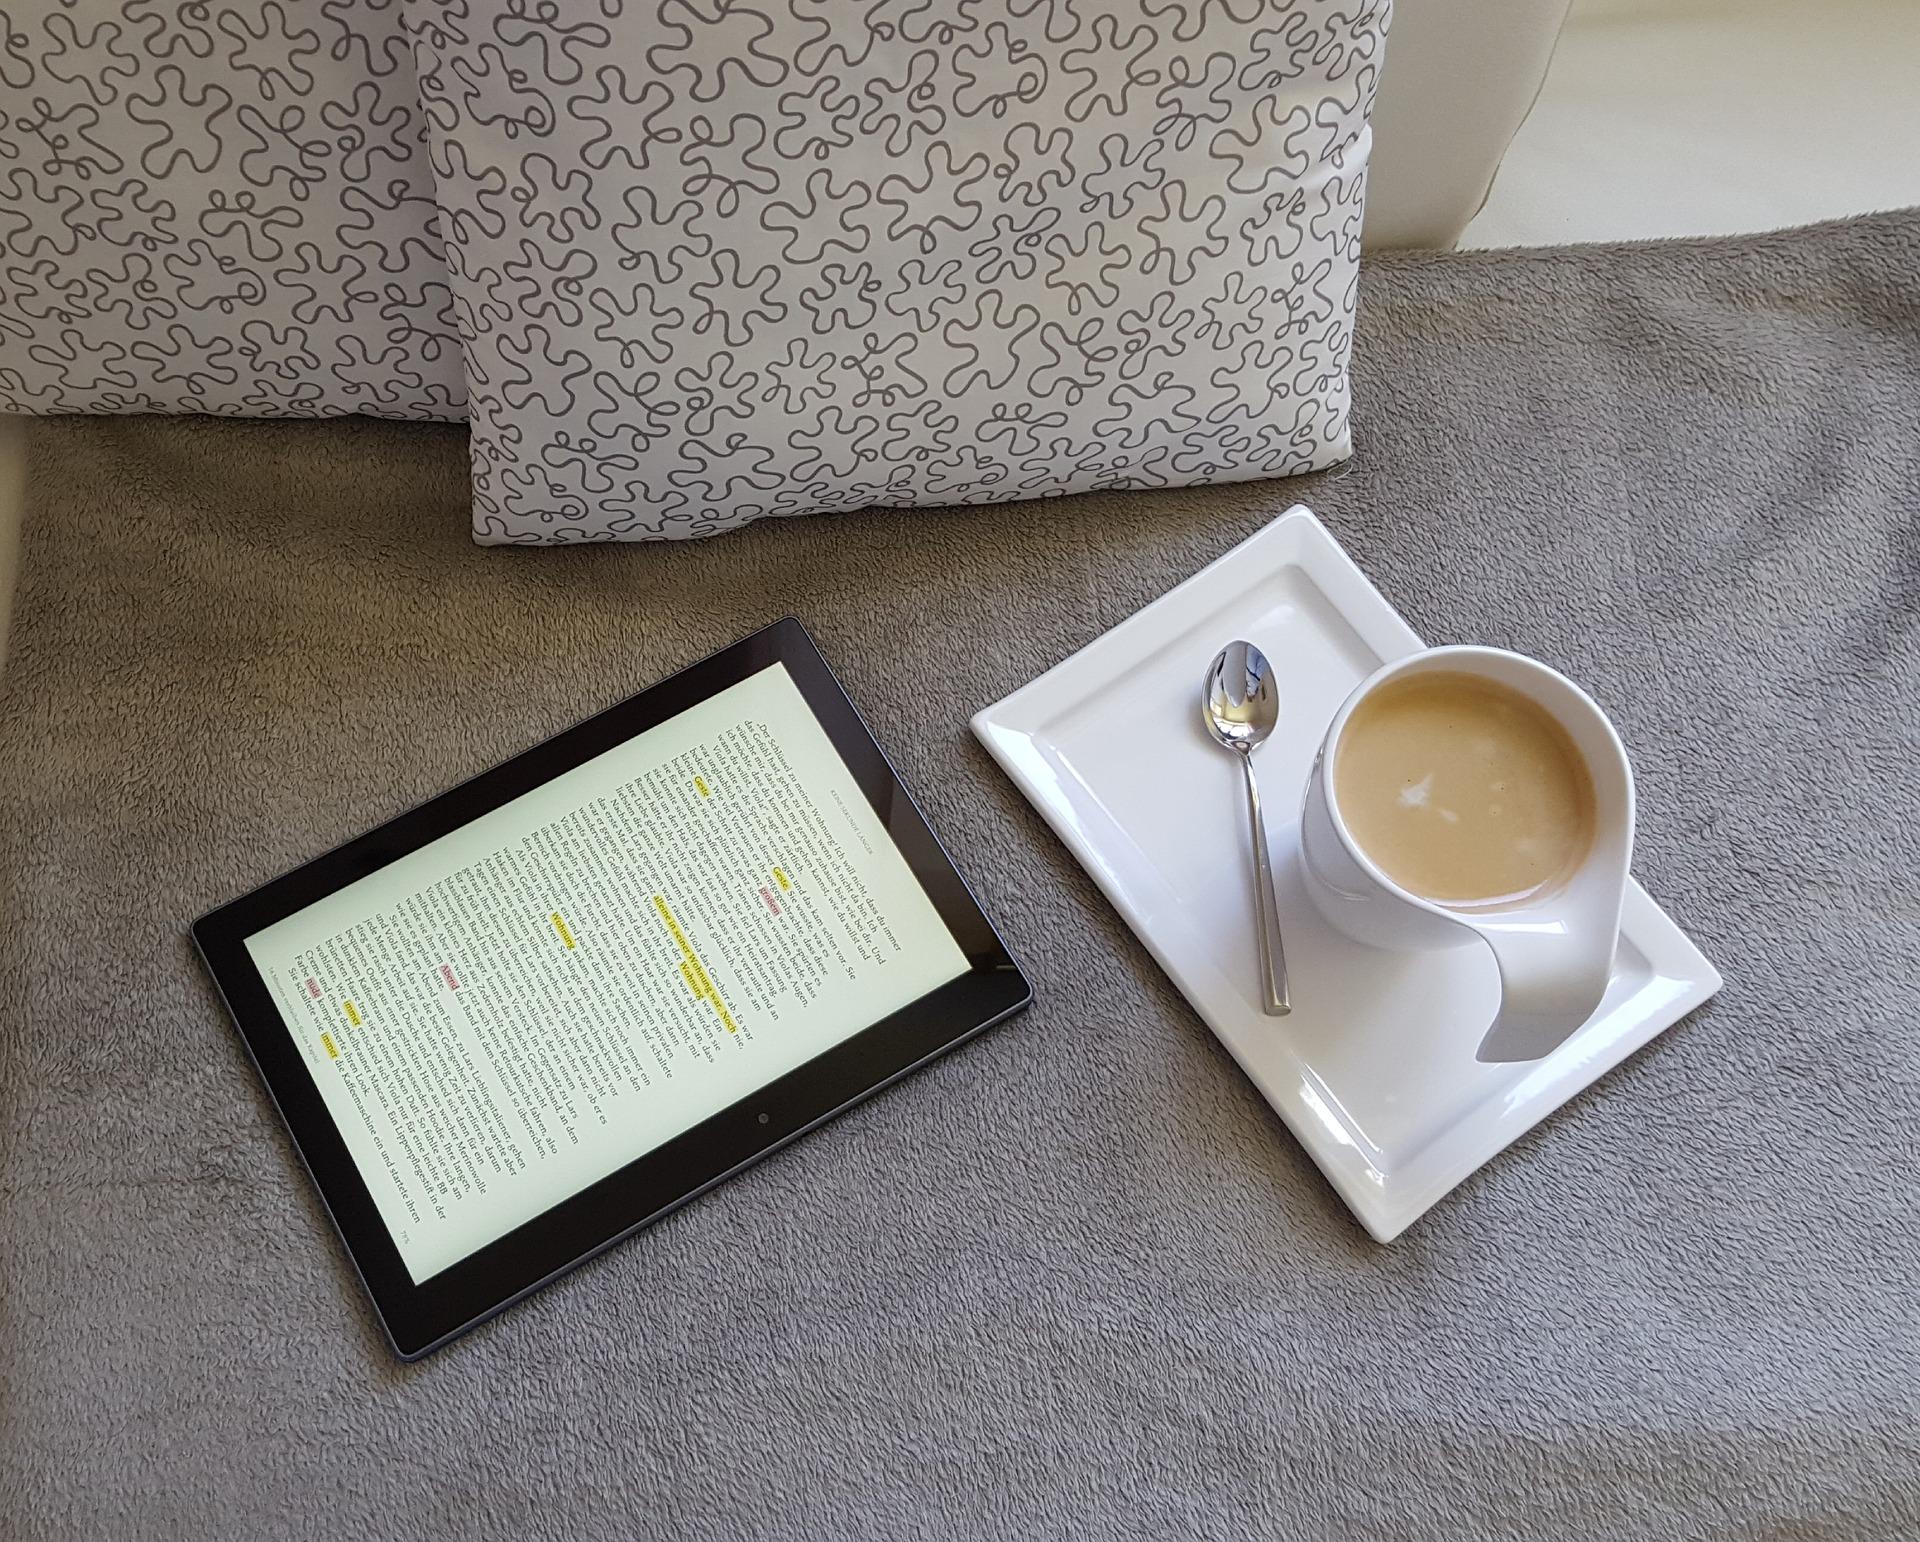 powerbank ratgeber alle testsieger 2019 auf einen blick. Black Bedroom Furniture Sets. Home Design Ideas